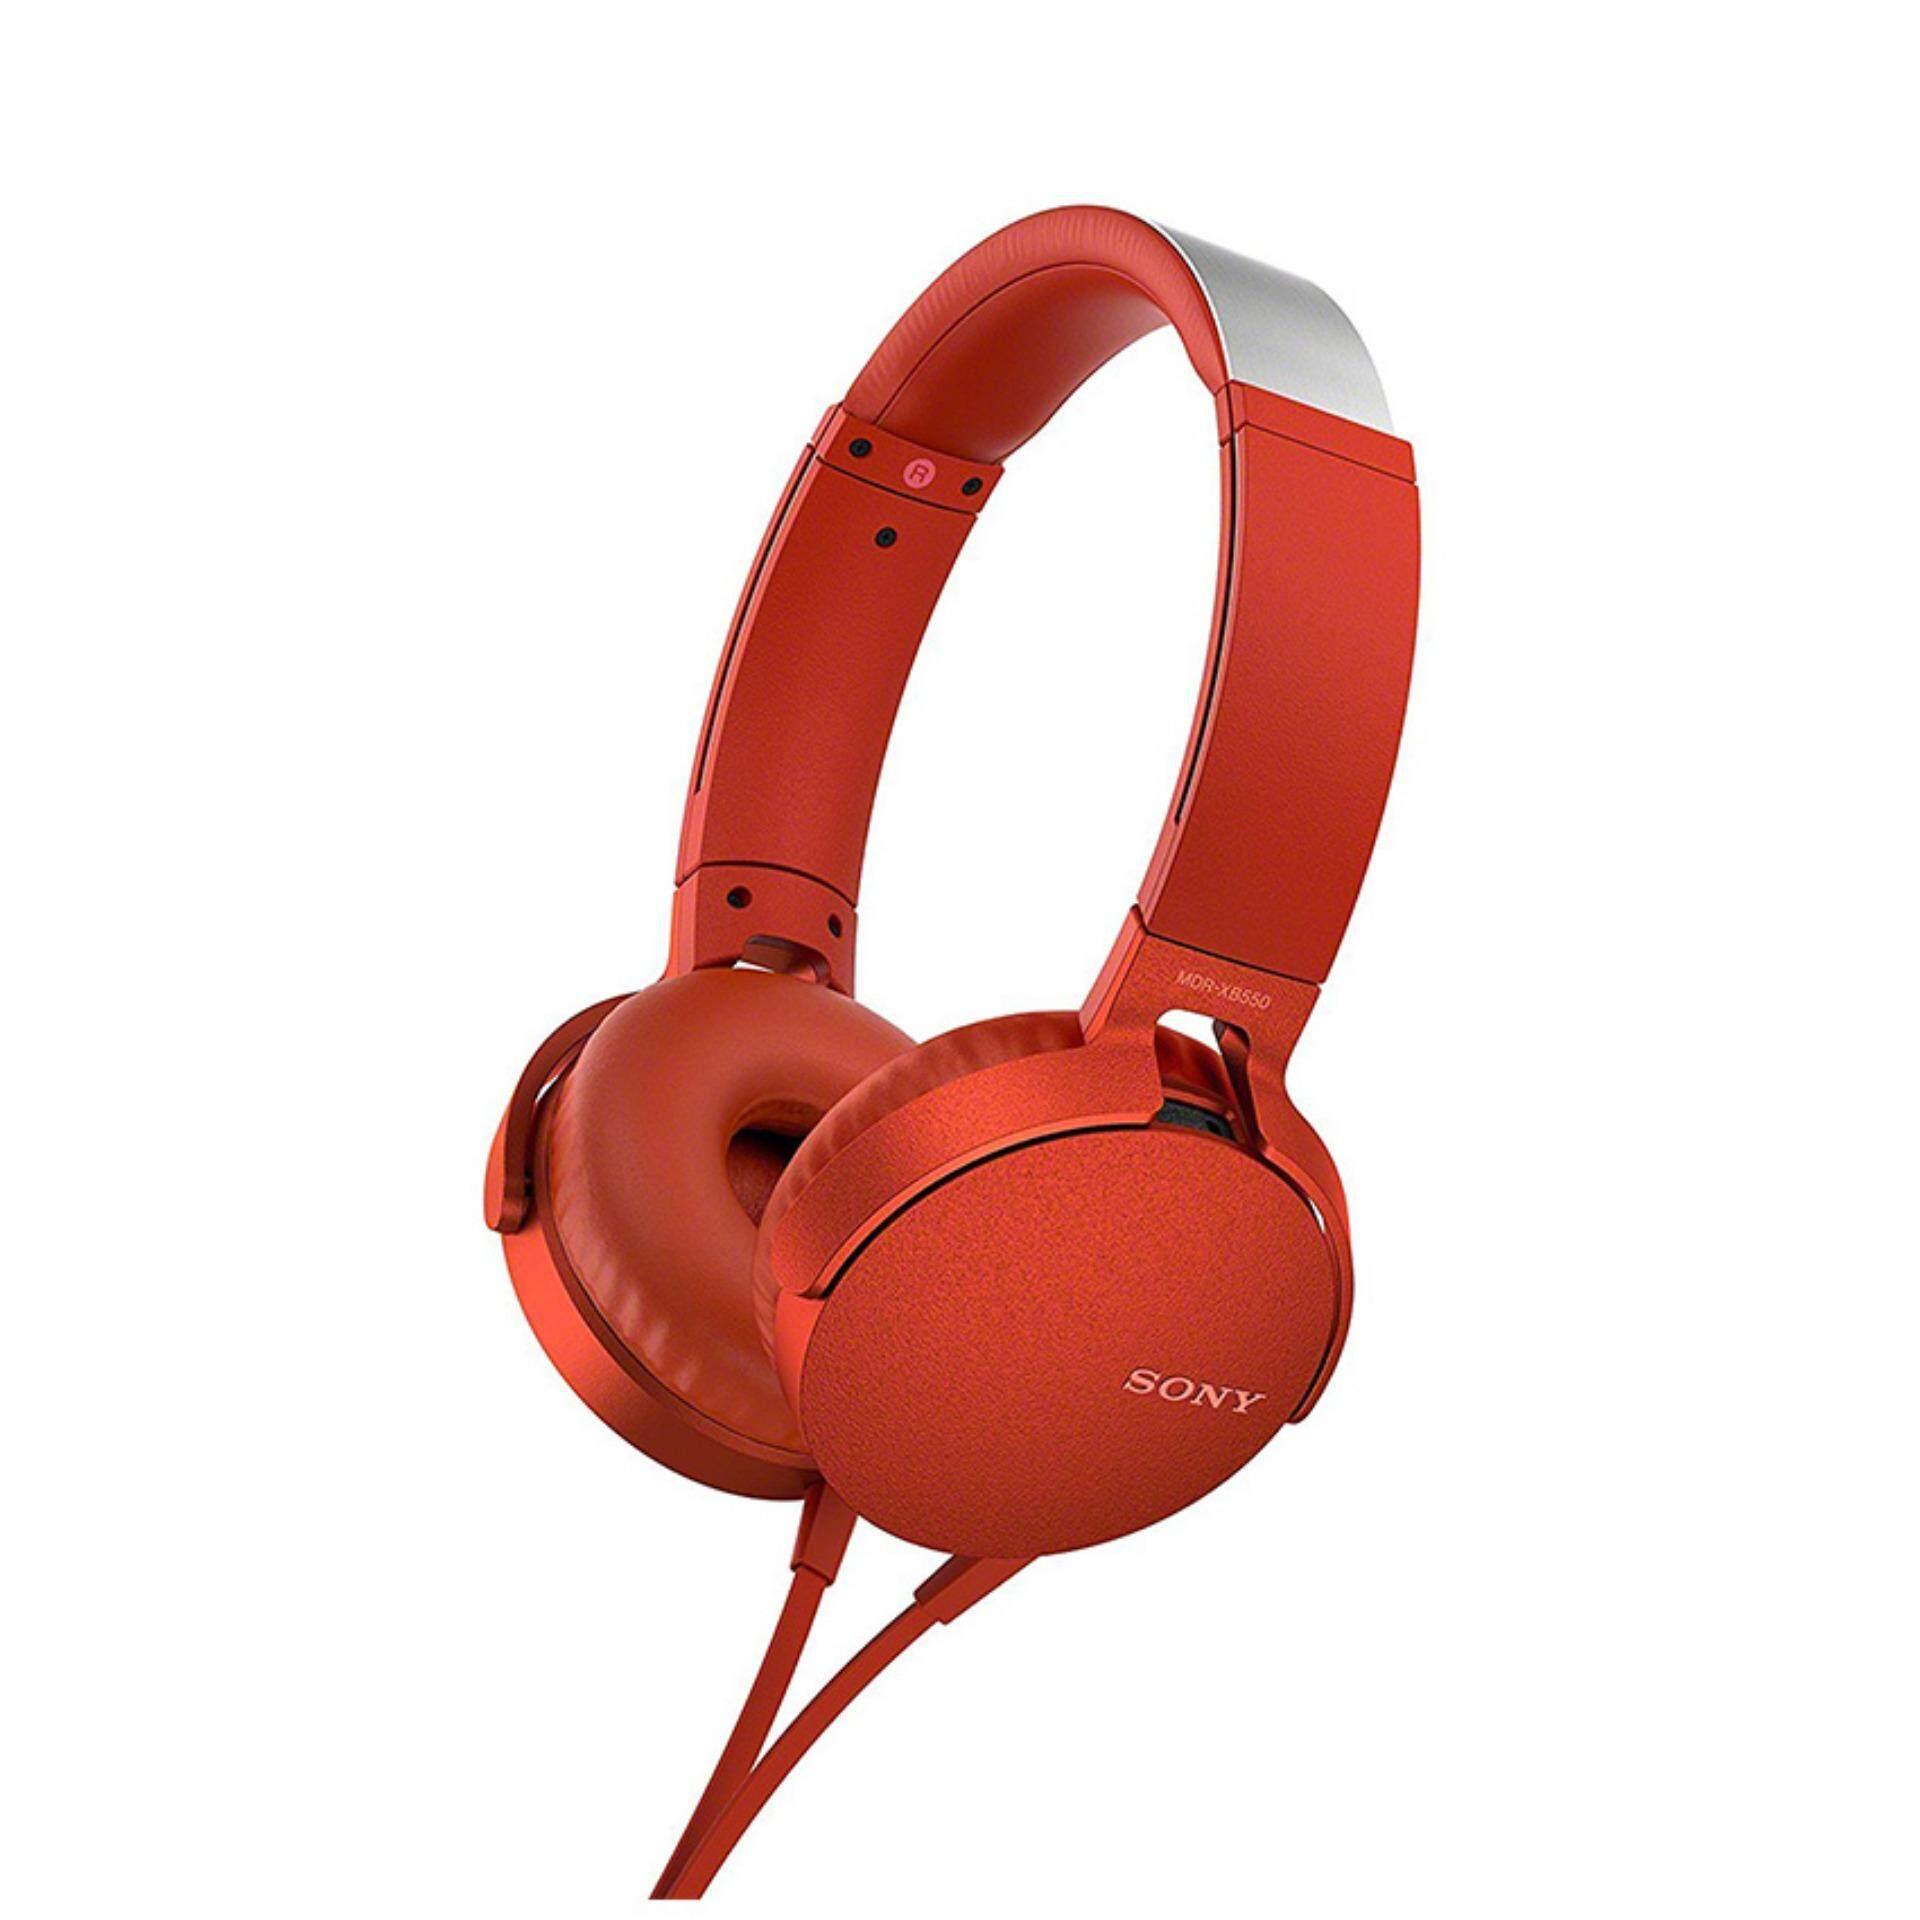 ข้อดีและข้อเสีย Sony หูฟังแบบครอบหู รุ่น MDR-XB550APRCE /Red เสียงดี รุ่นใหม่ 2019